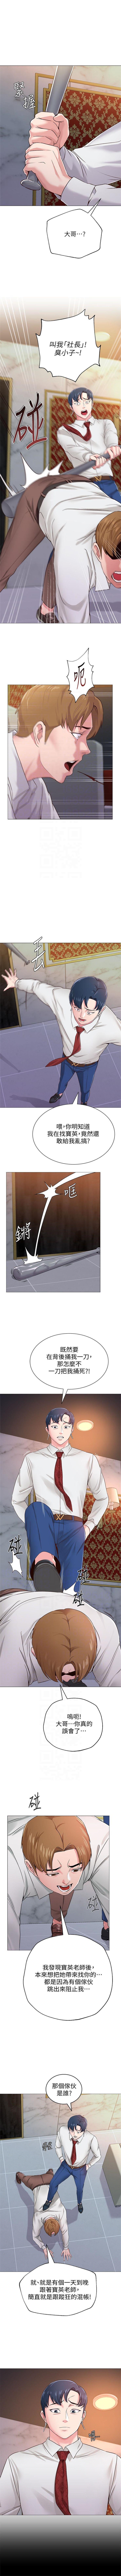 老師 1-80 官方中文(連載中) 260